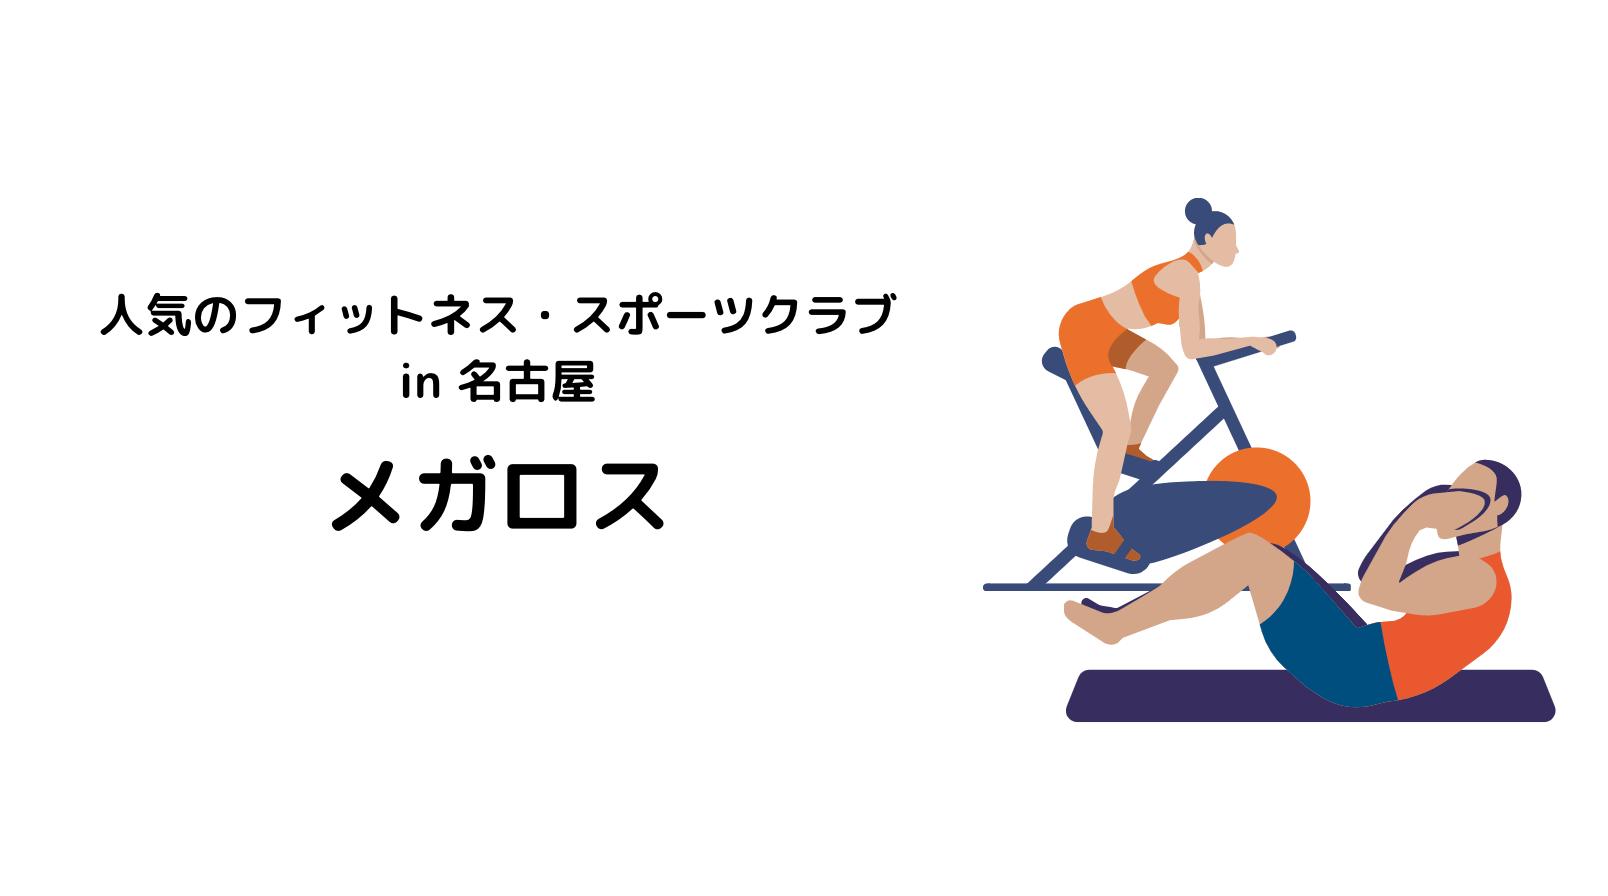 名古屋_ジム_フィットネスジム_スポーツジム_フィットネスクラブ_スポーツクラブ_おすすめ_人気_ランキング_メガロス